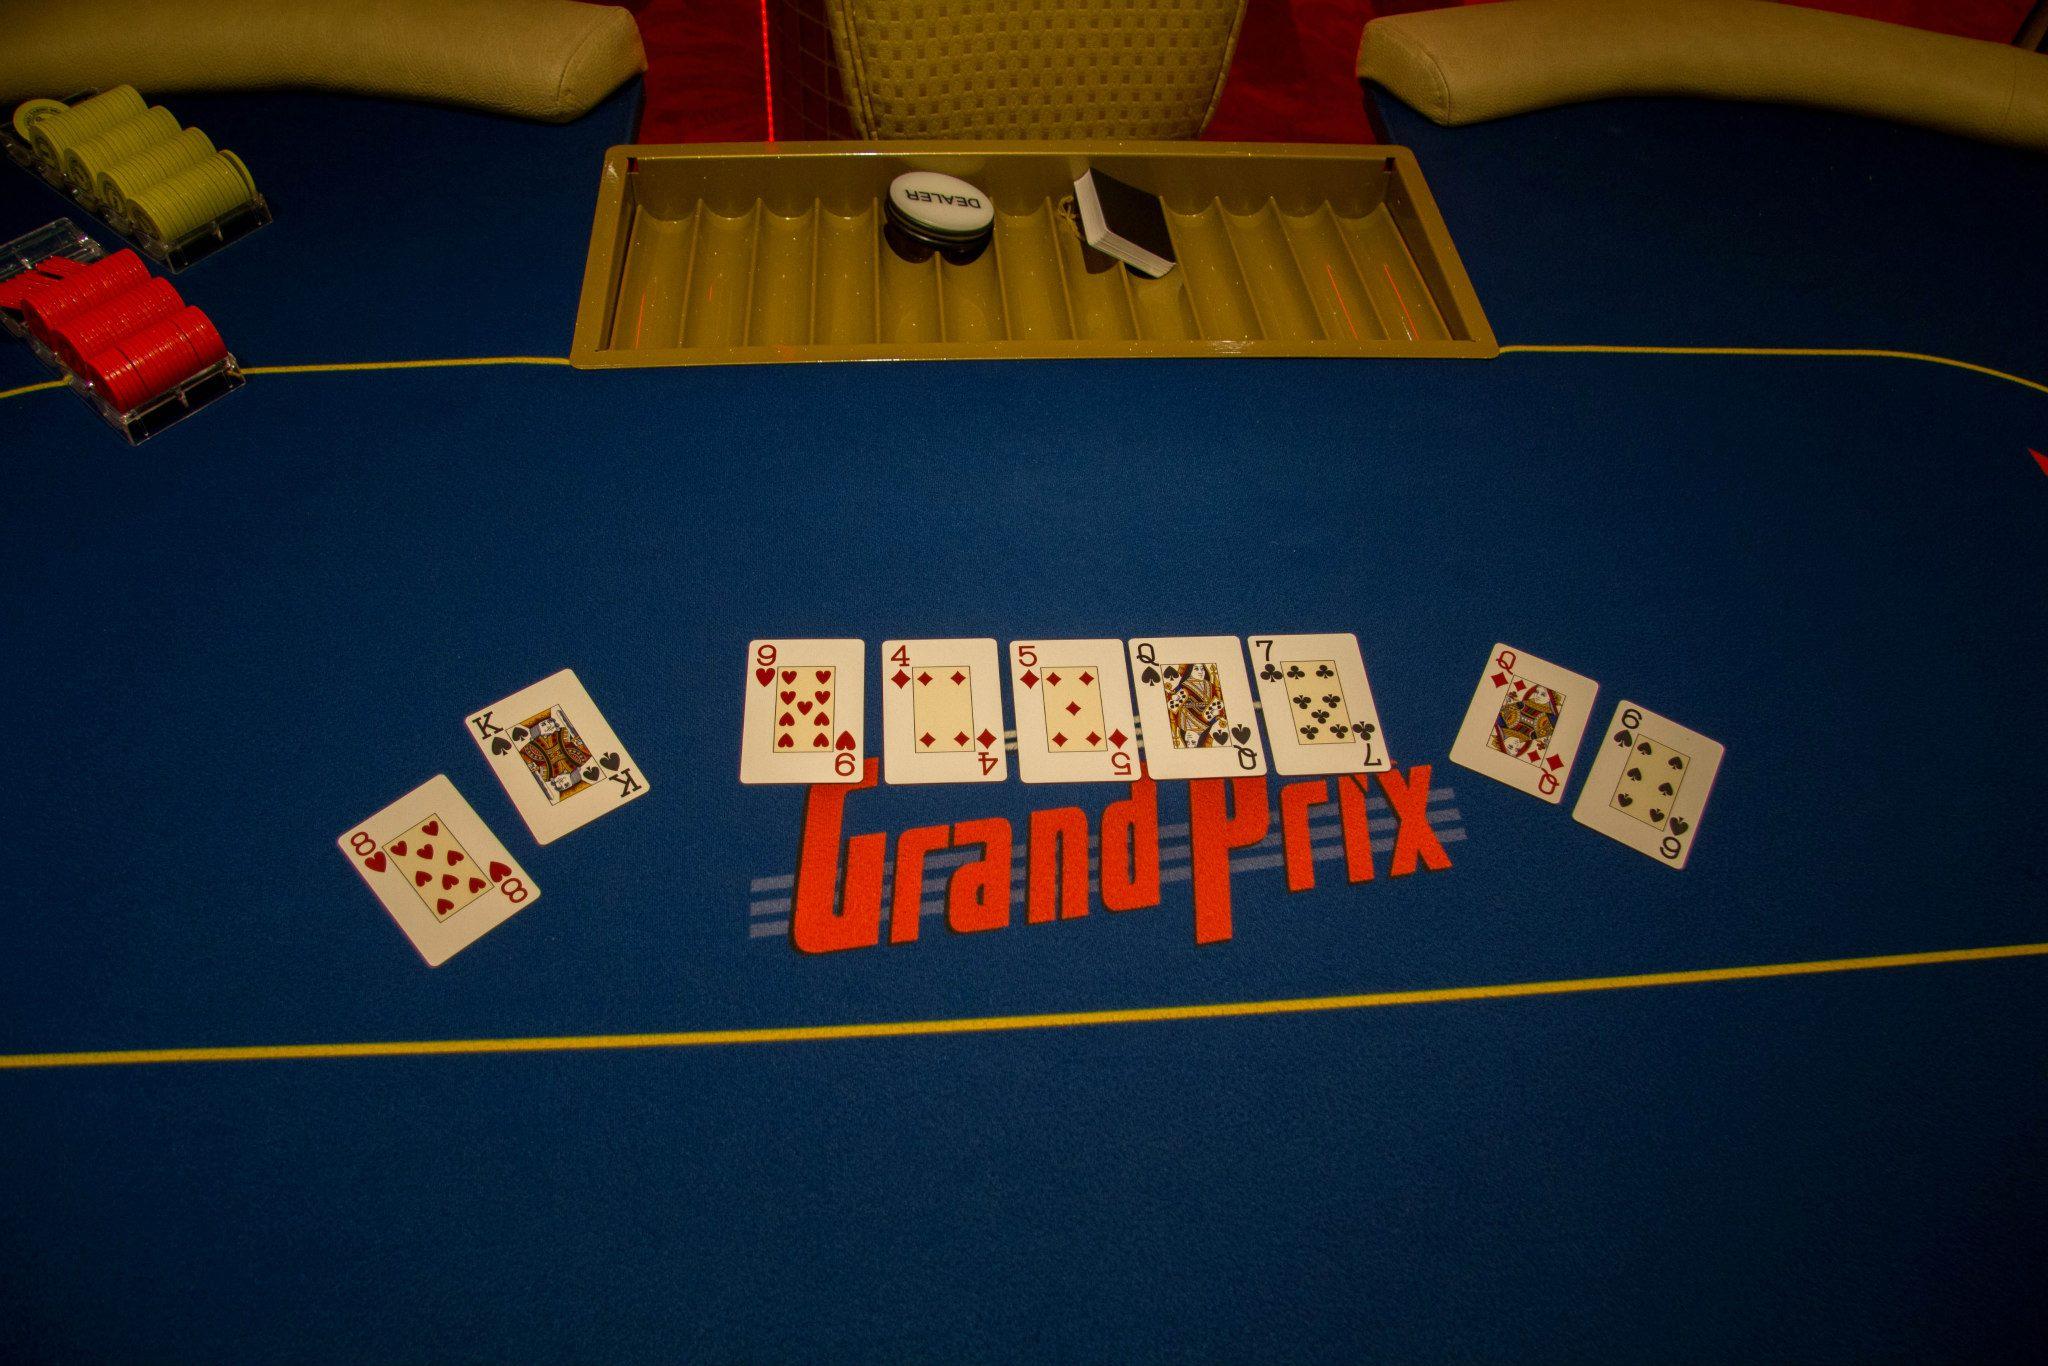 Uuenenud kavaga Pärnu Poker Weekend muutub suvel igakuiseks 101